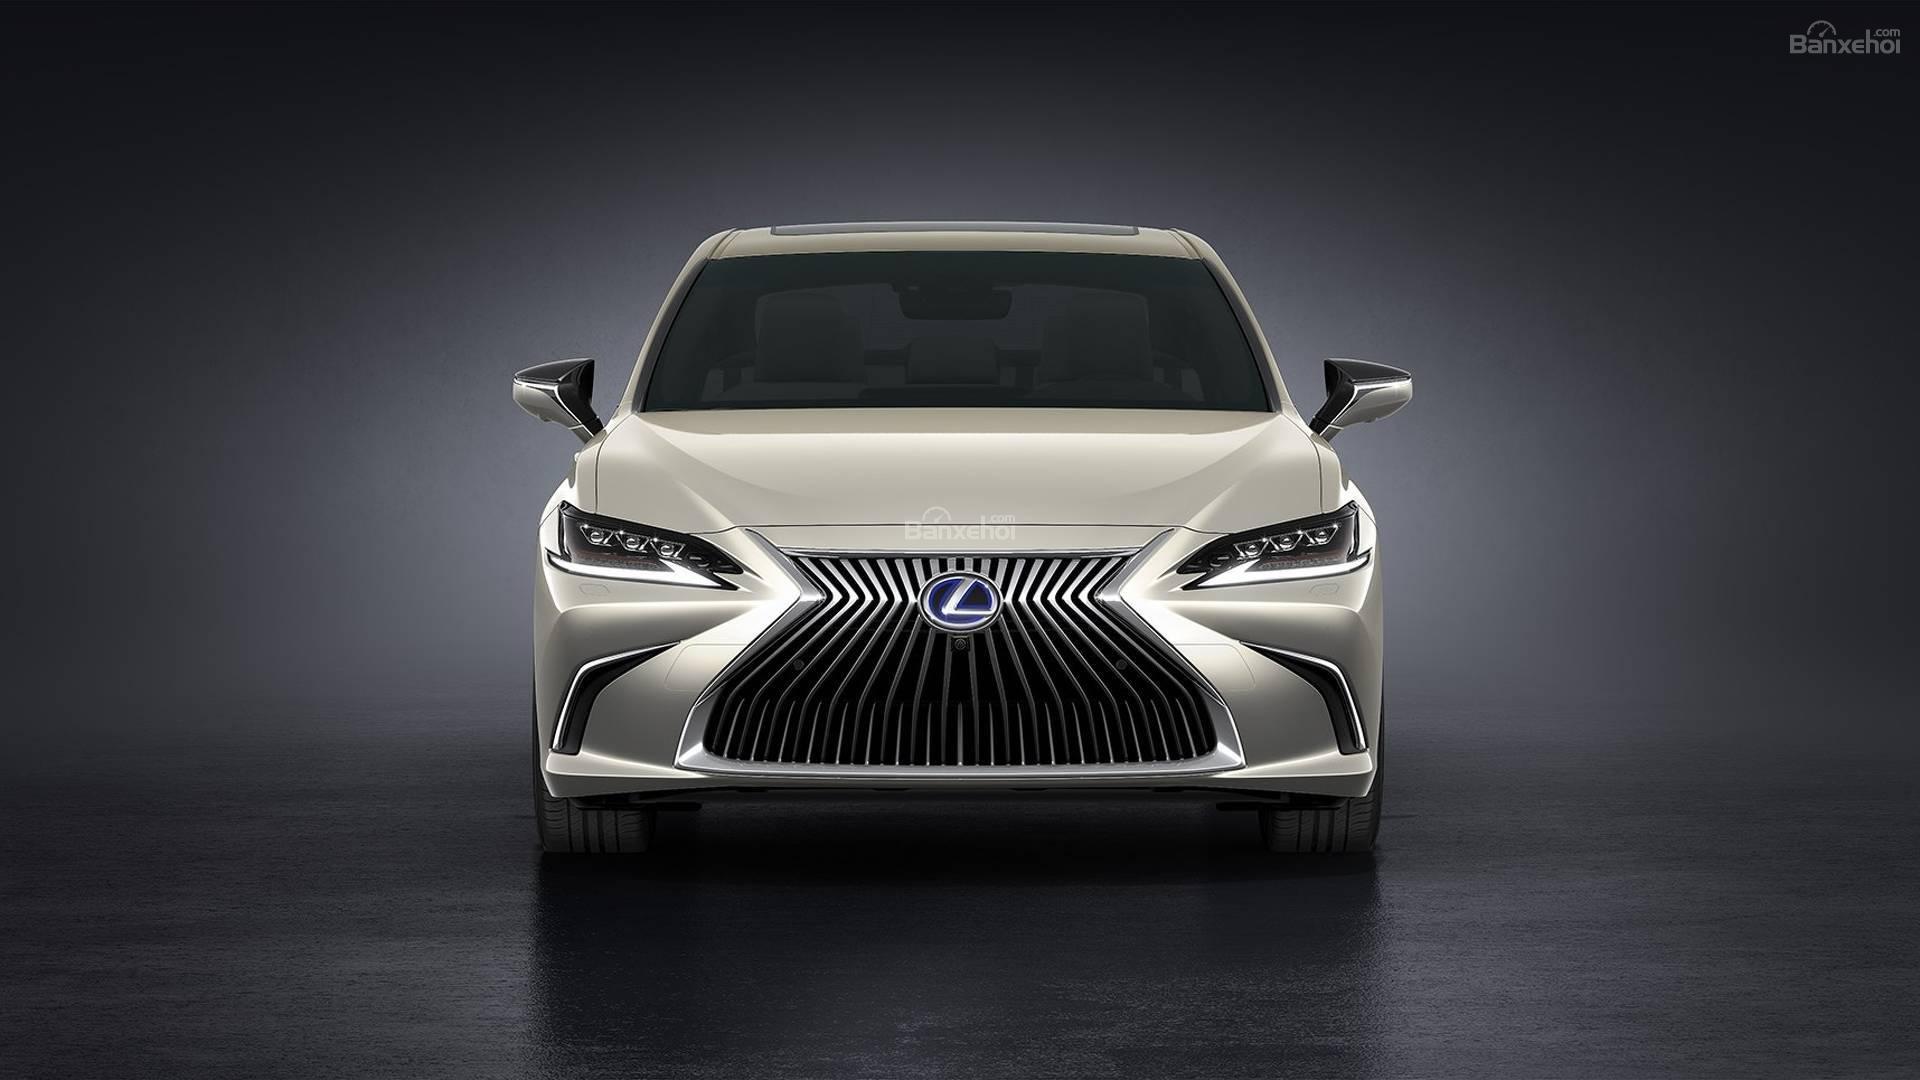 Đánh giá xe Lexus ES 2019: Thiết kế đầu xe lấy cảm hứng từ Lexus LS z